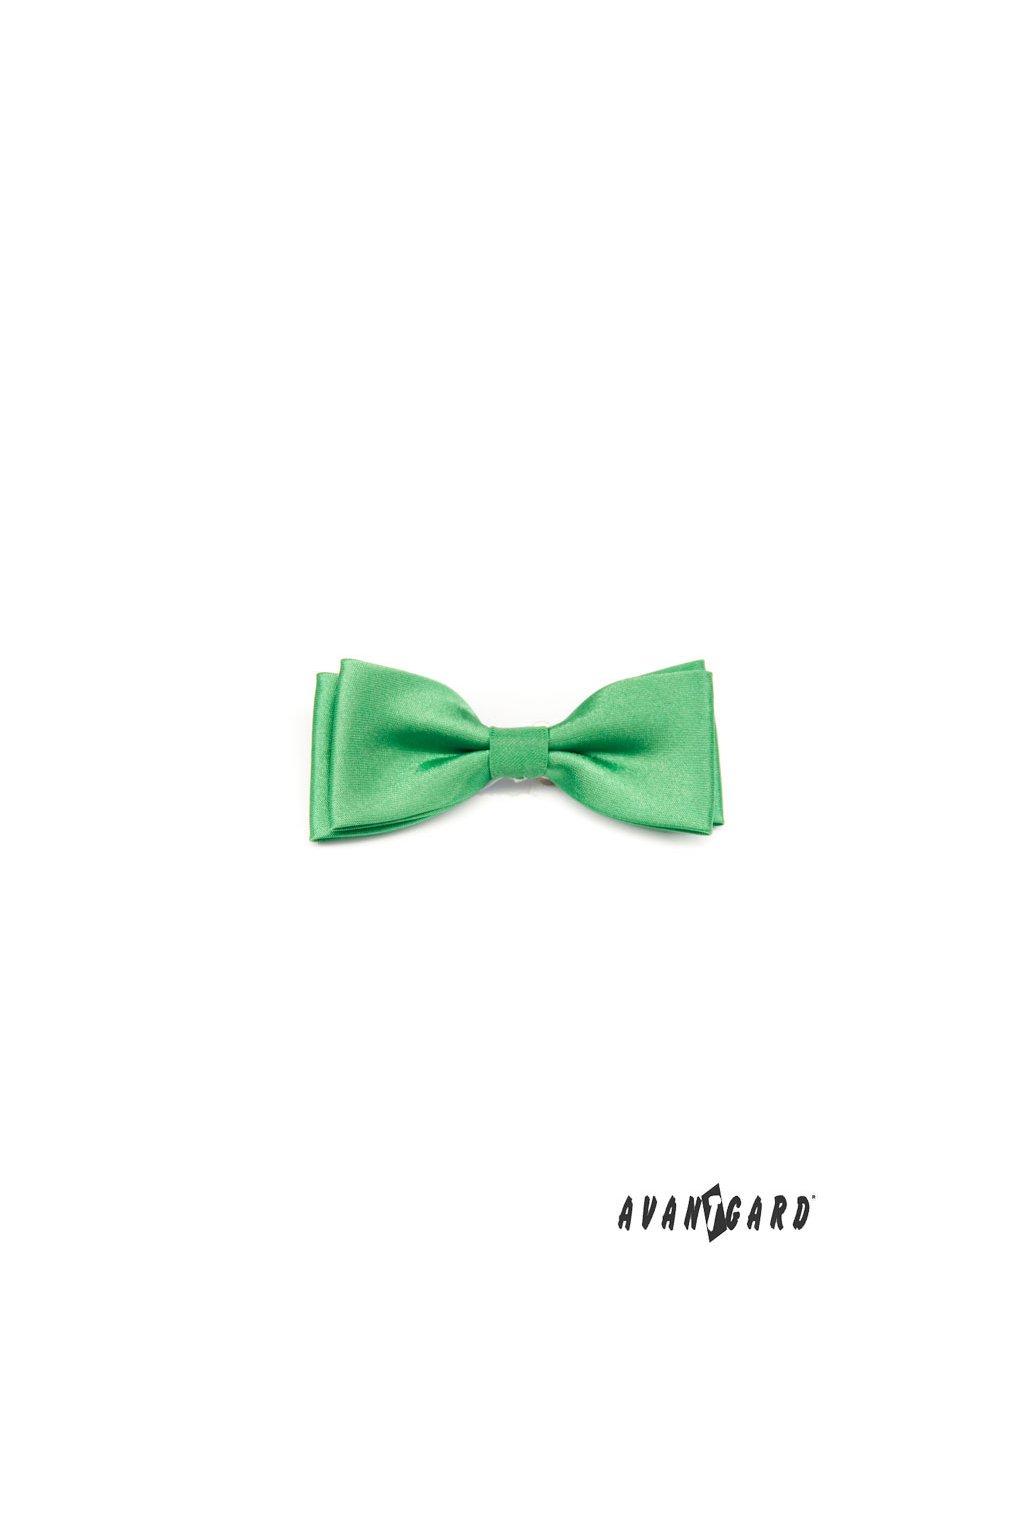 Chlapecký motýlek zelený 533 - 774